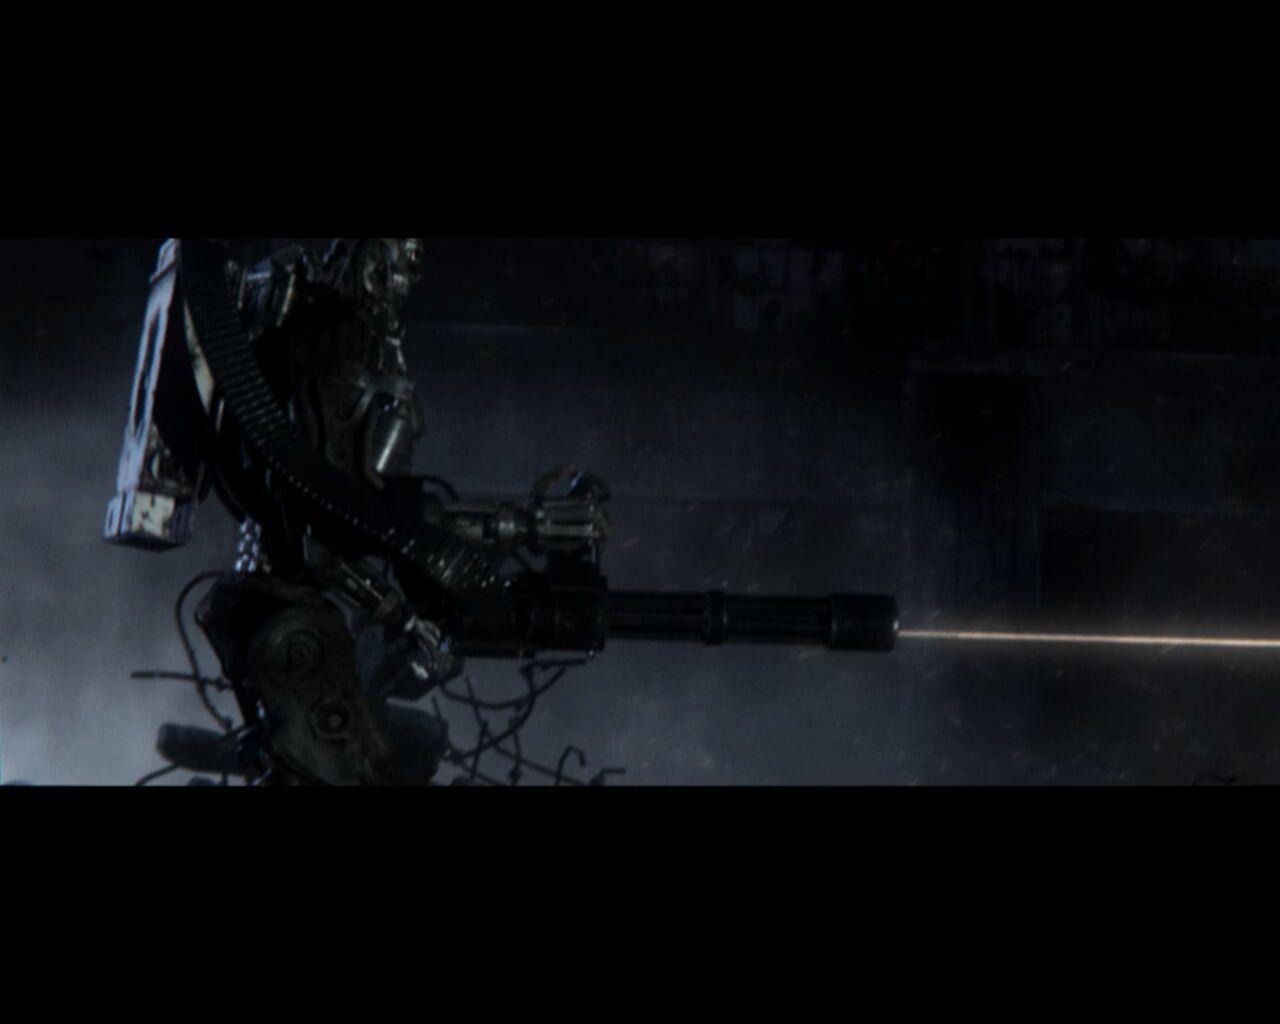 jeuxvideo.com Terminator Renaissance - PC Image 59 sur 123